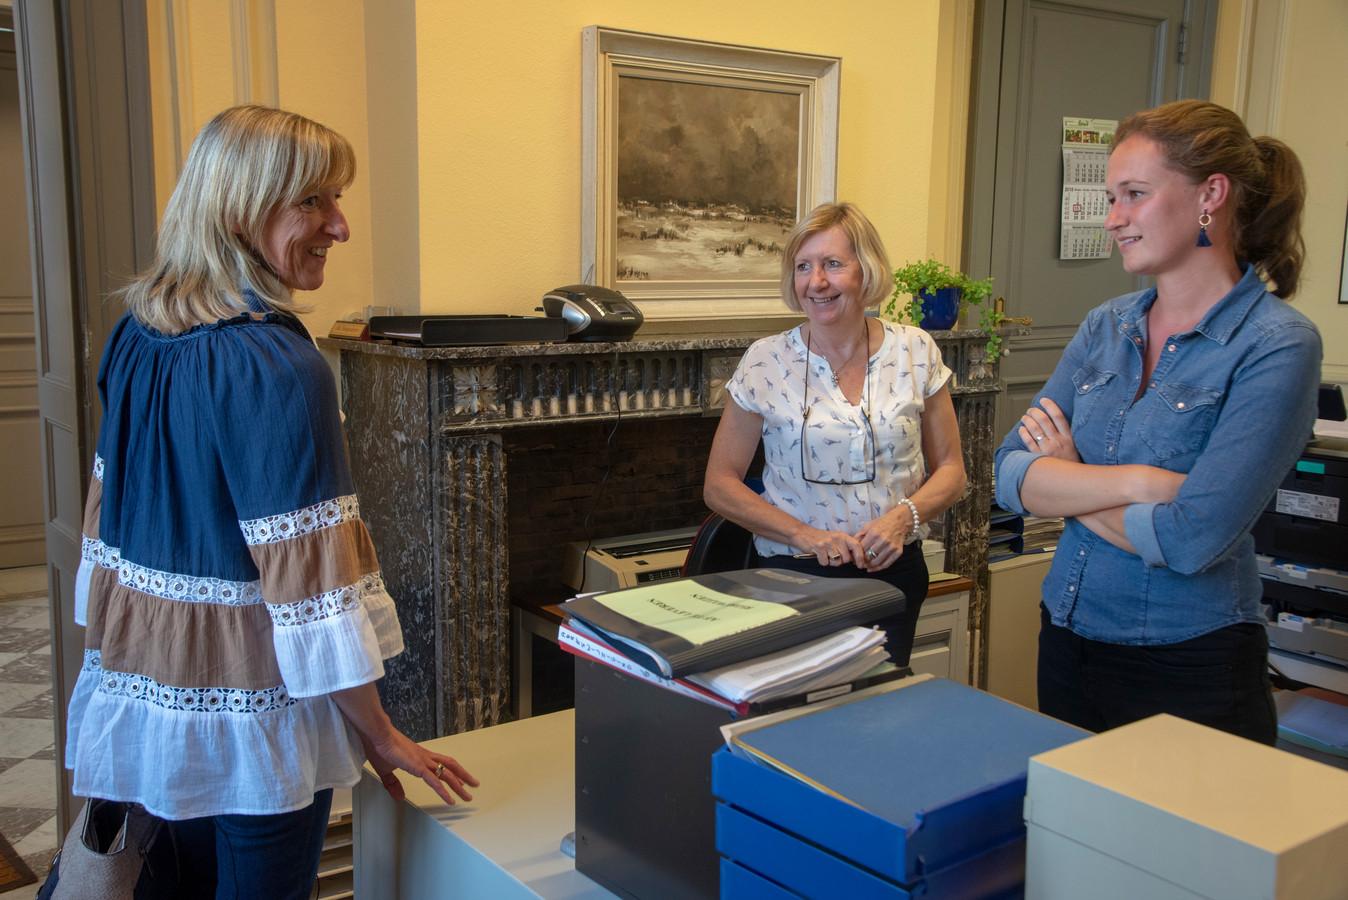 Kersvers burgemeester Elsie Sierens krijgt gelukswensen van het personeel in Destelbergen.